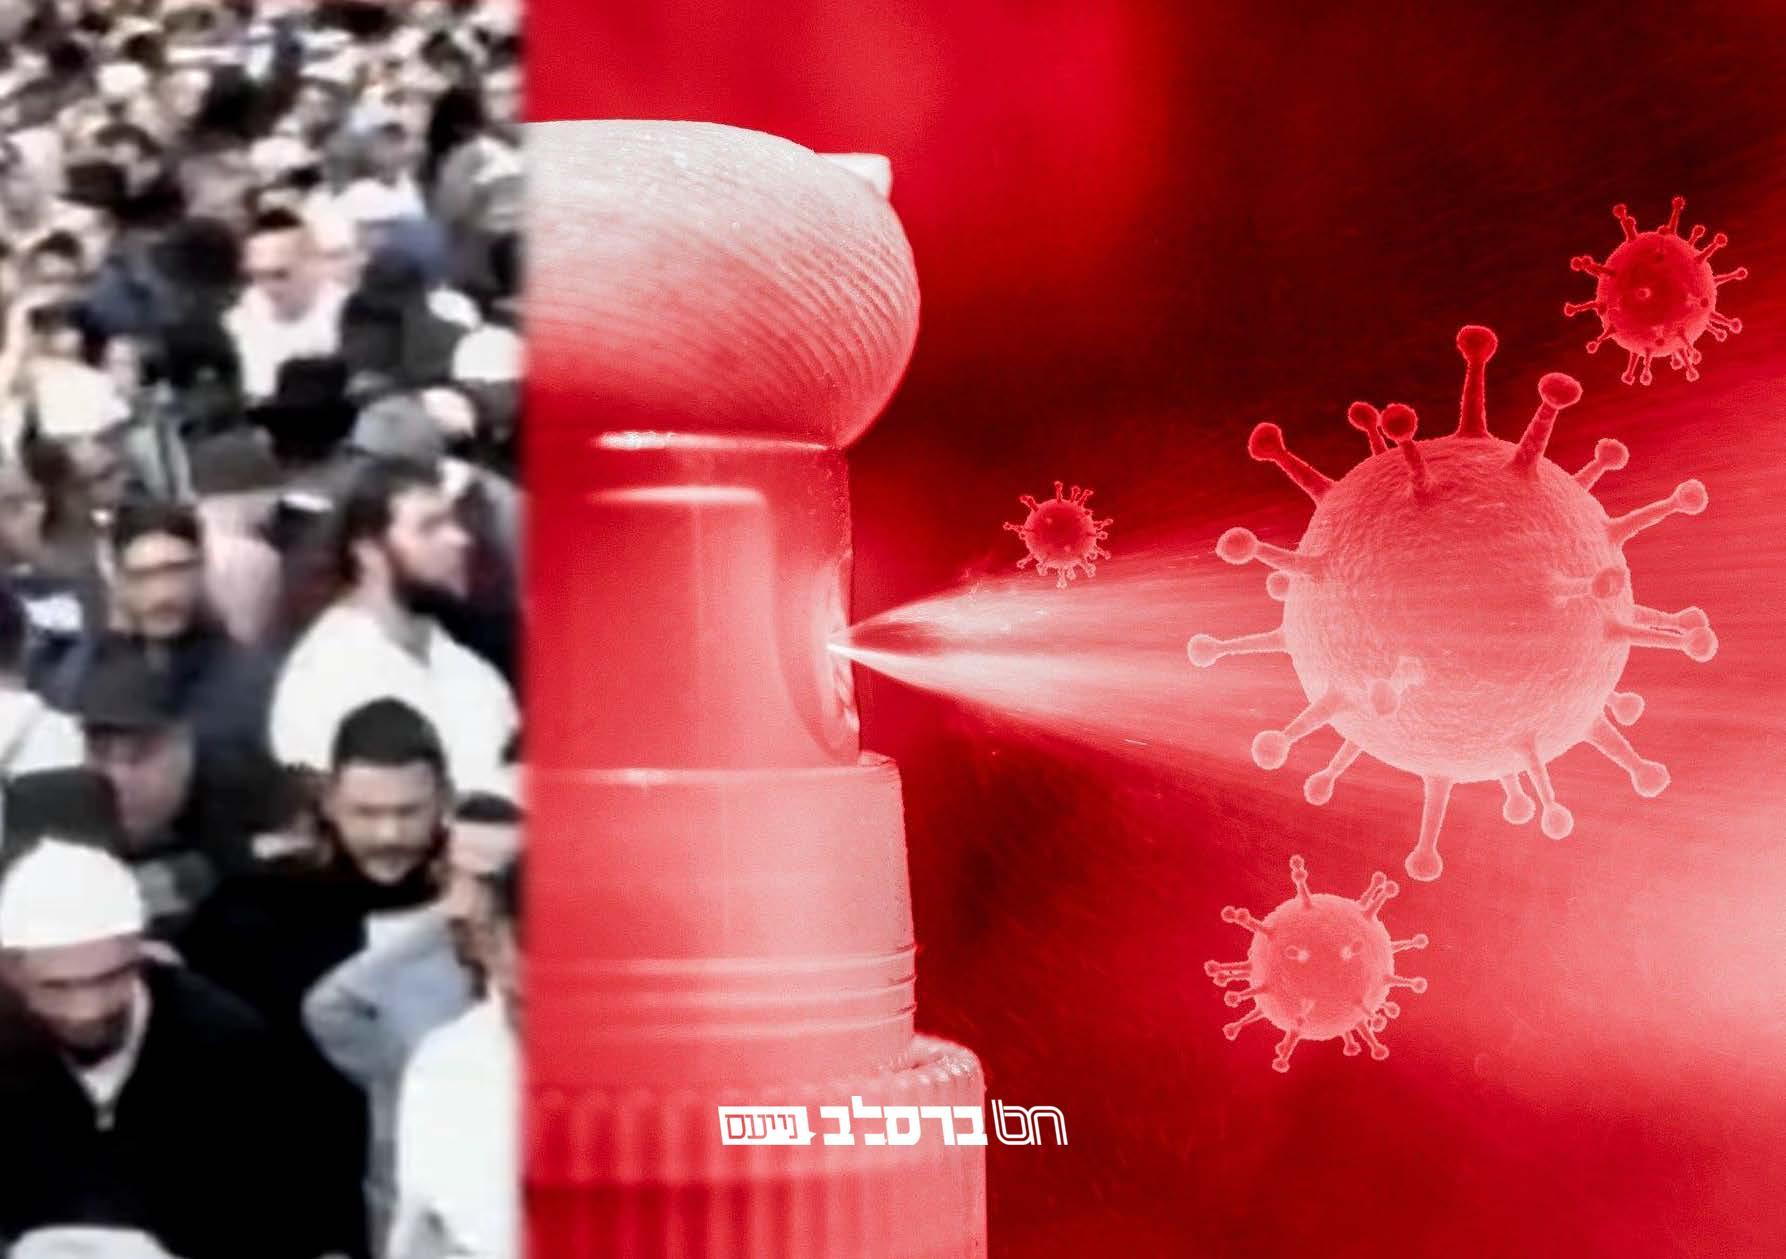 ווירוס הקורונה: מִחוּּץ תְּשַׁכֶּל חֶרֶב וּמֵחֲדָרִים אֵימָה – היום!! כלל ישראל כולו מתאחד בתפילה